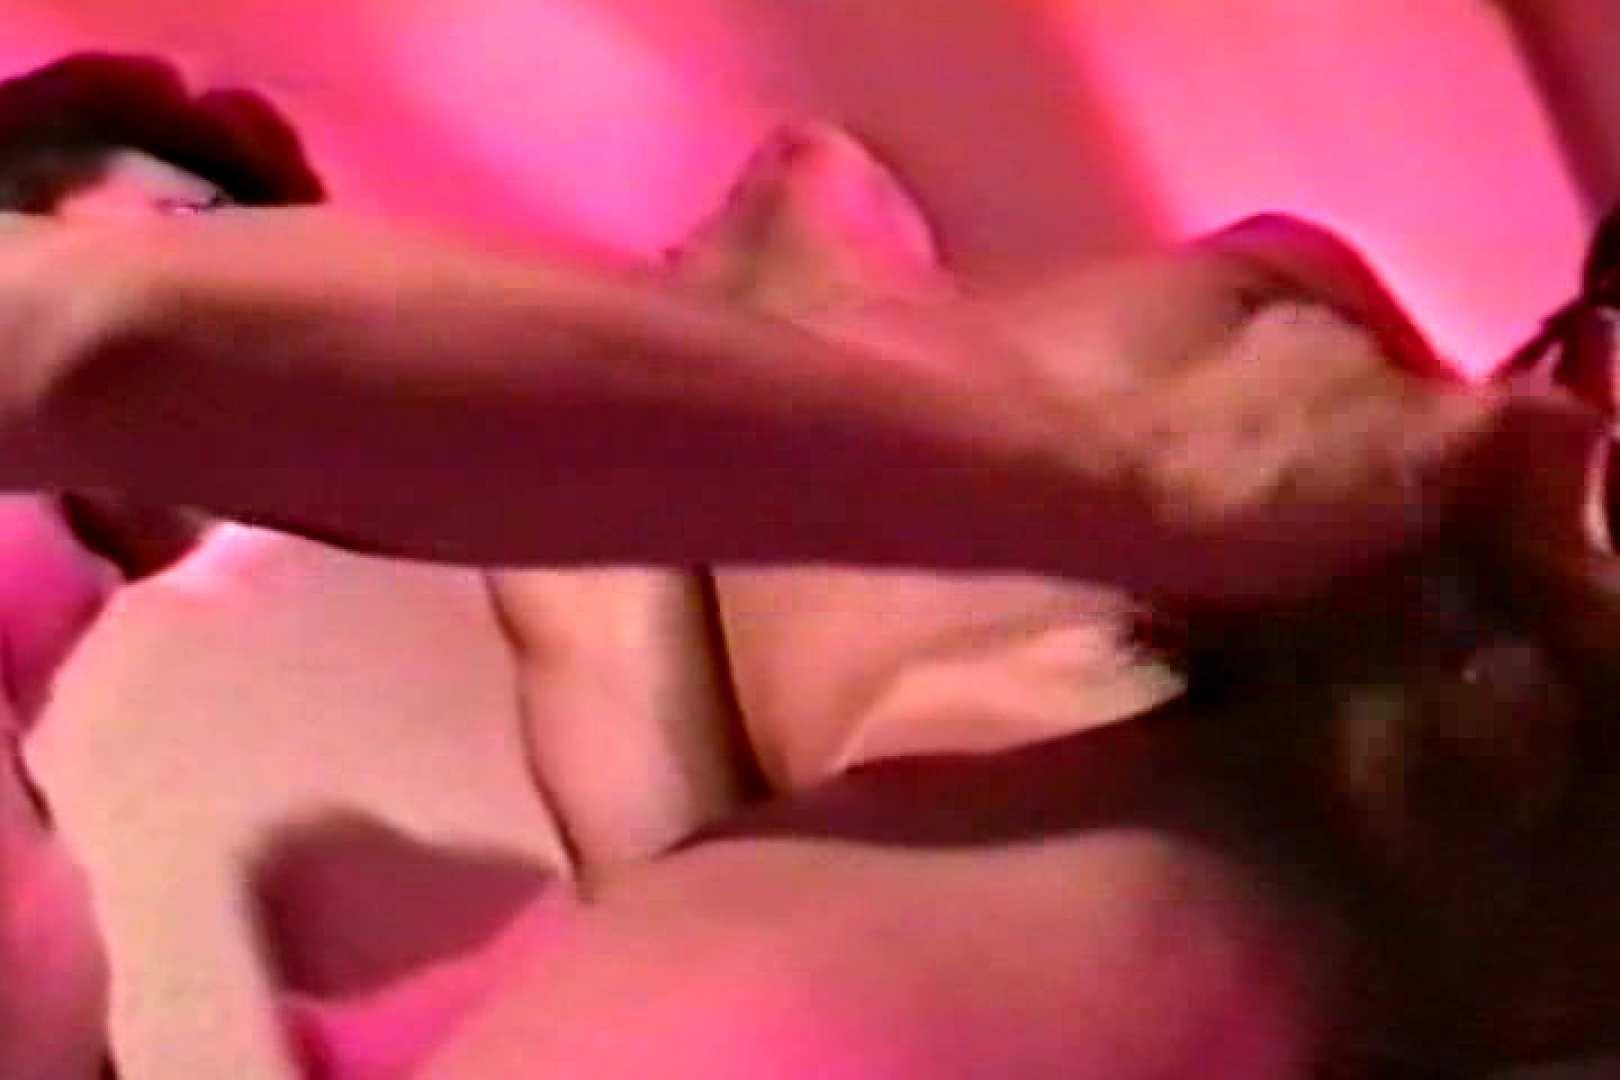 往年の名作 あの頃は若かった!Vol.05 イメージ (sex) ゲイエロ画像 101枚 67